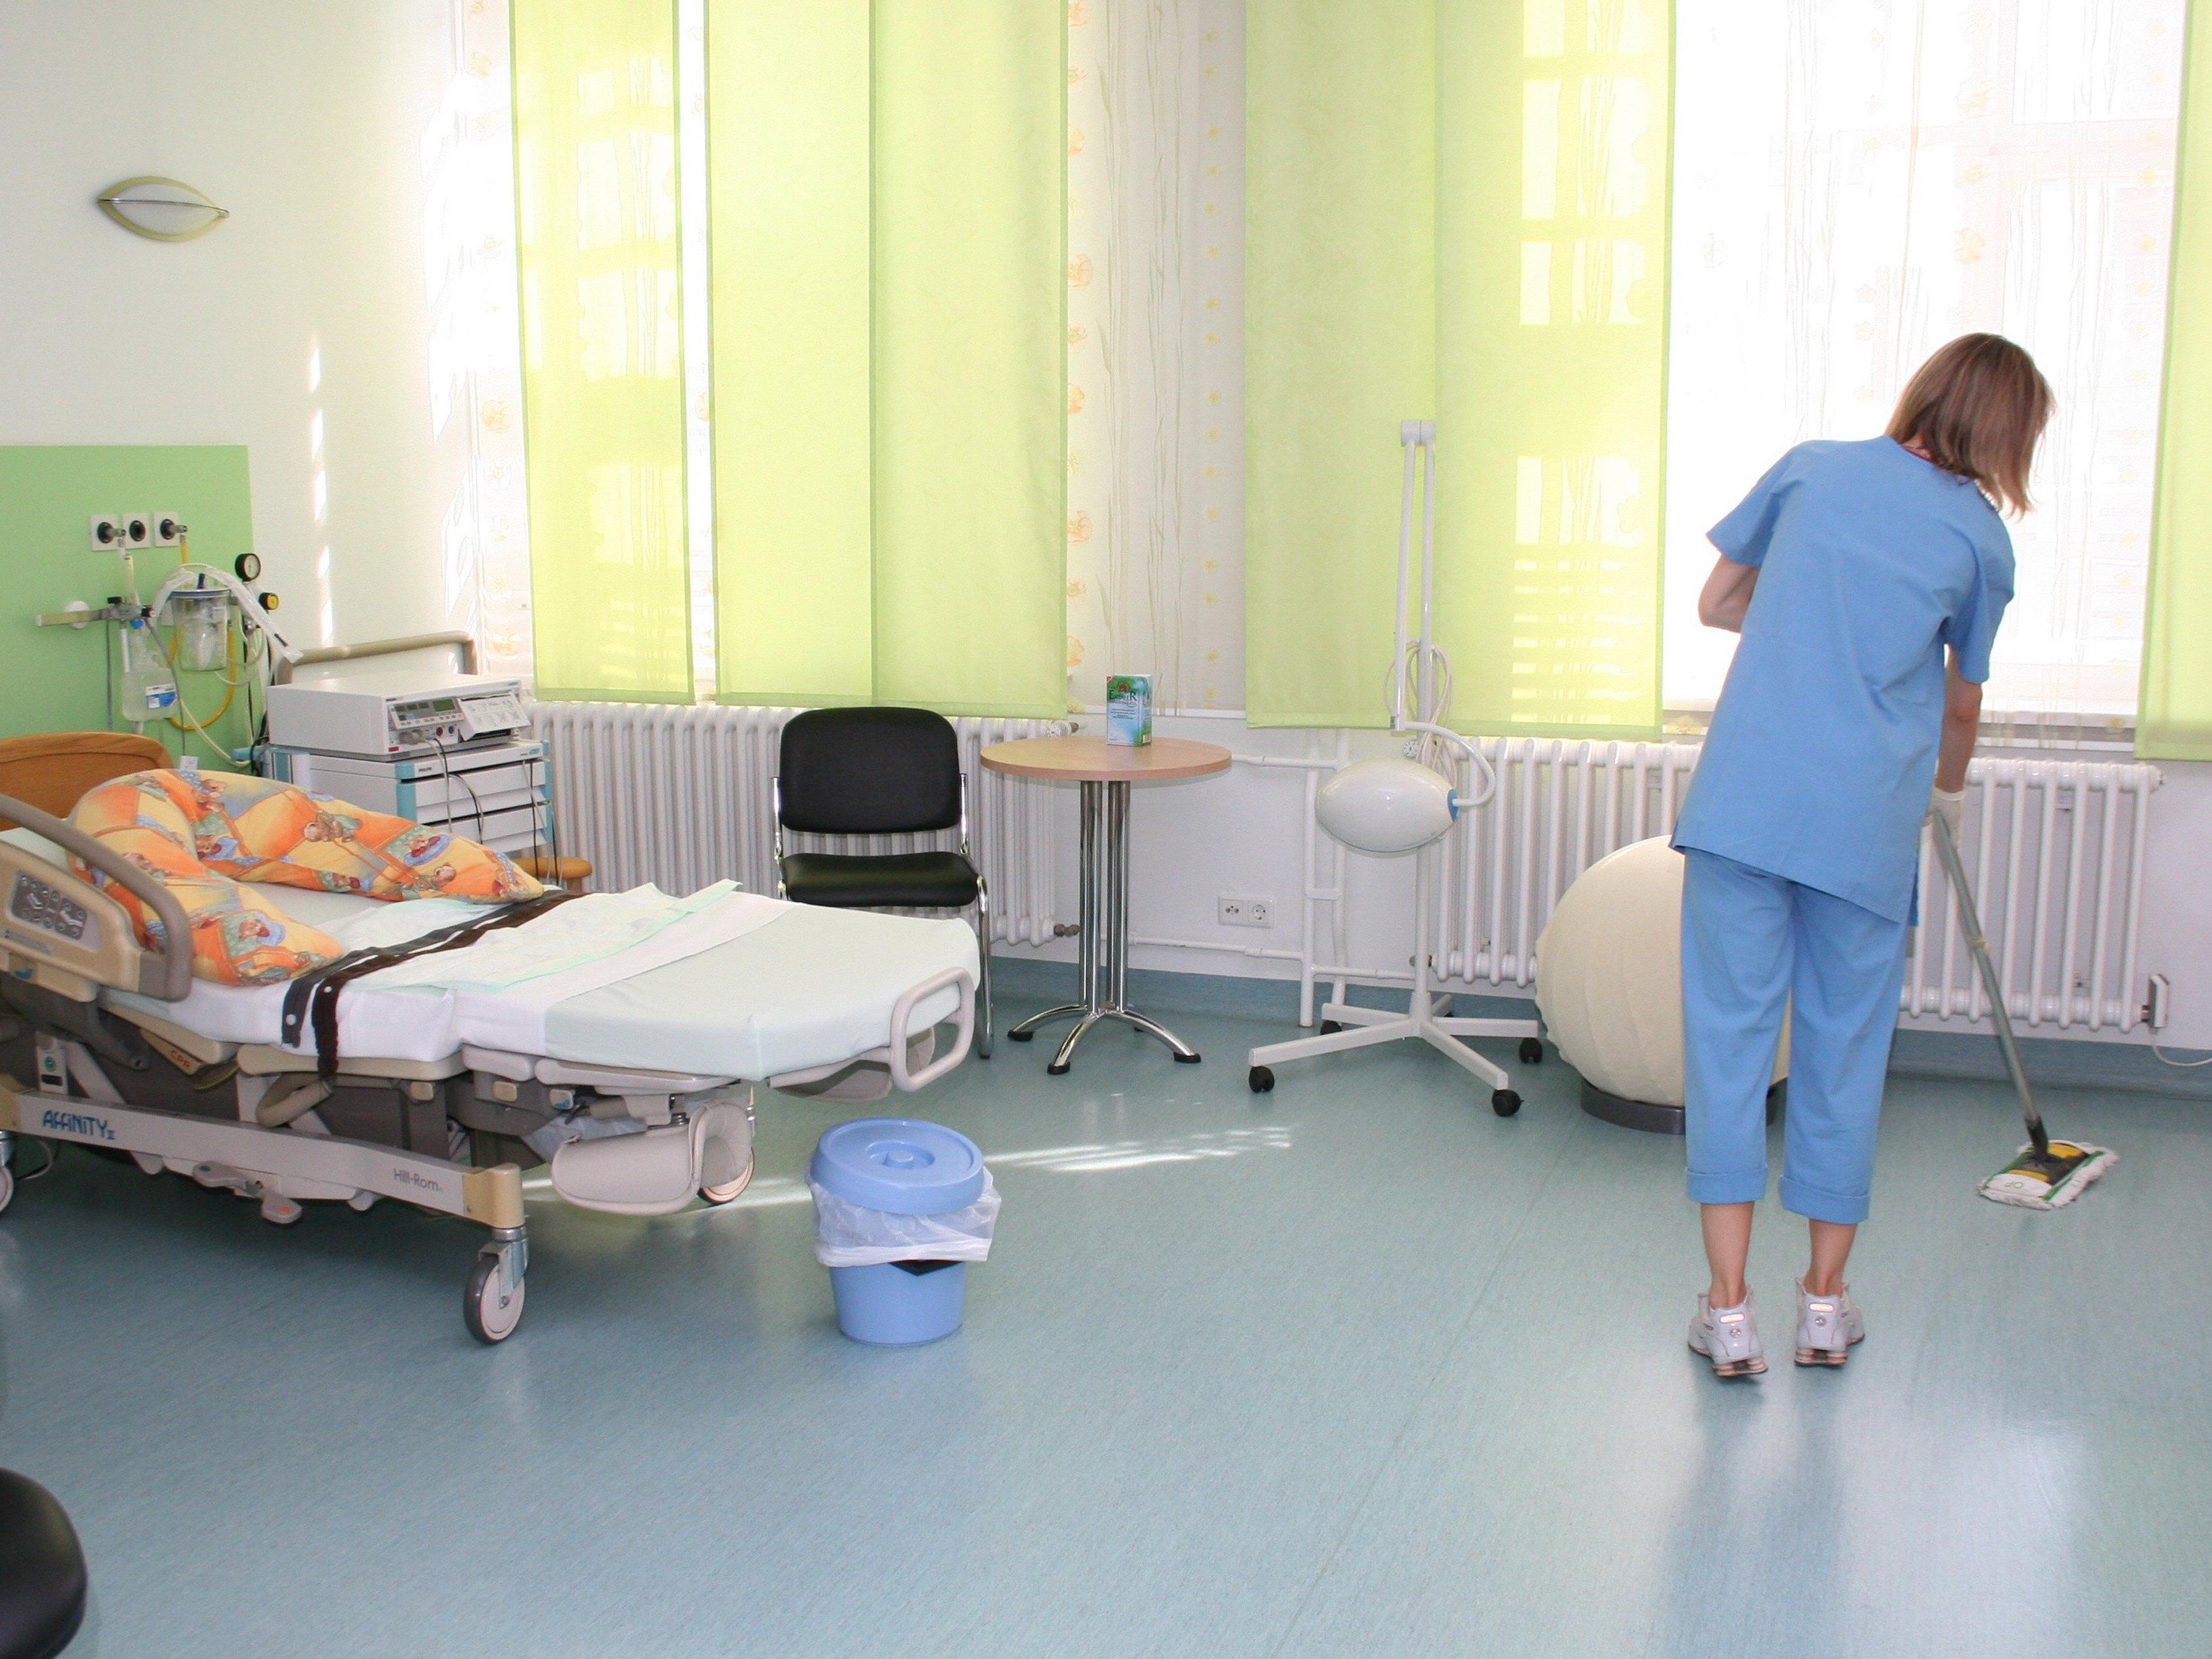 50-jährige Frau nahm zweijähriges Mädchen an sich und wollte Kinderstation verlassen.